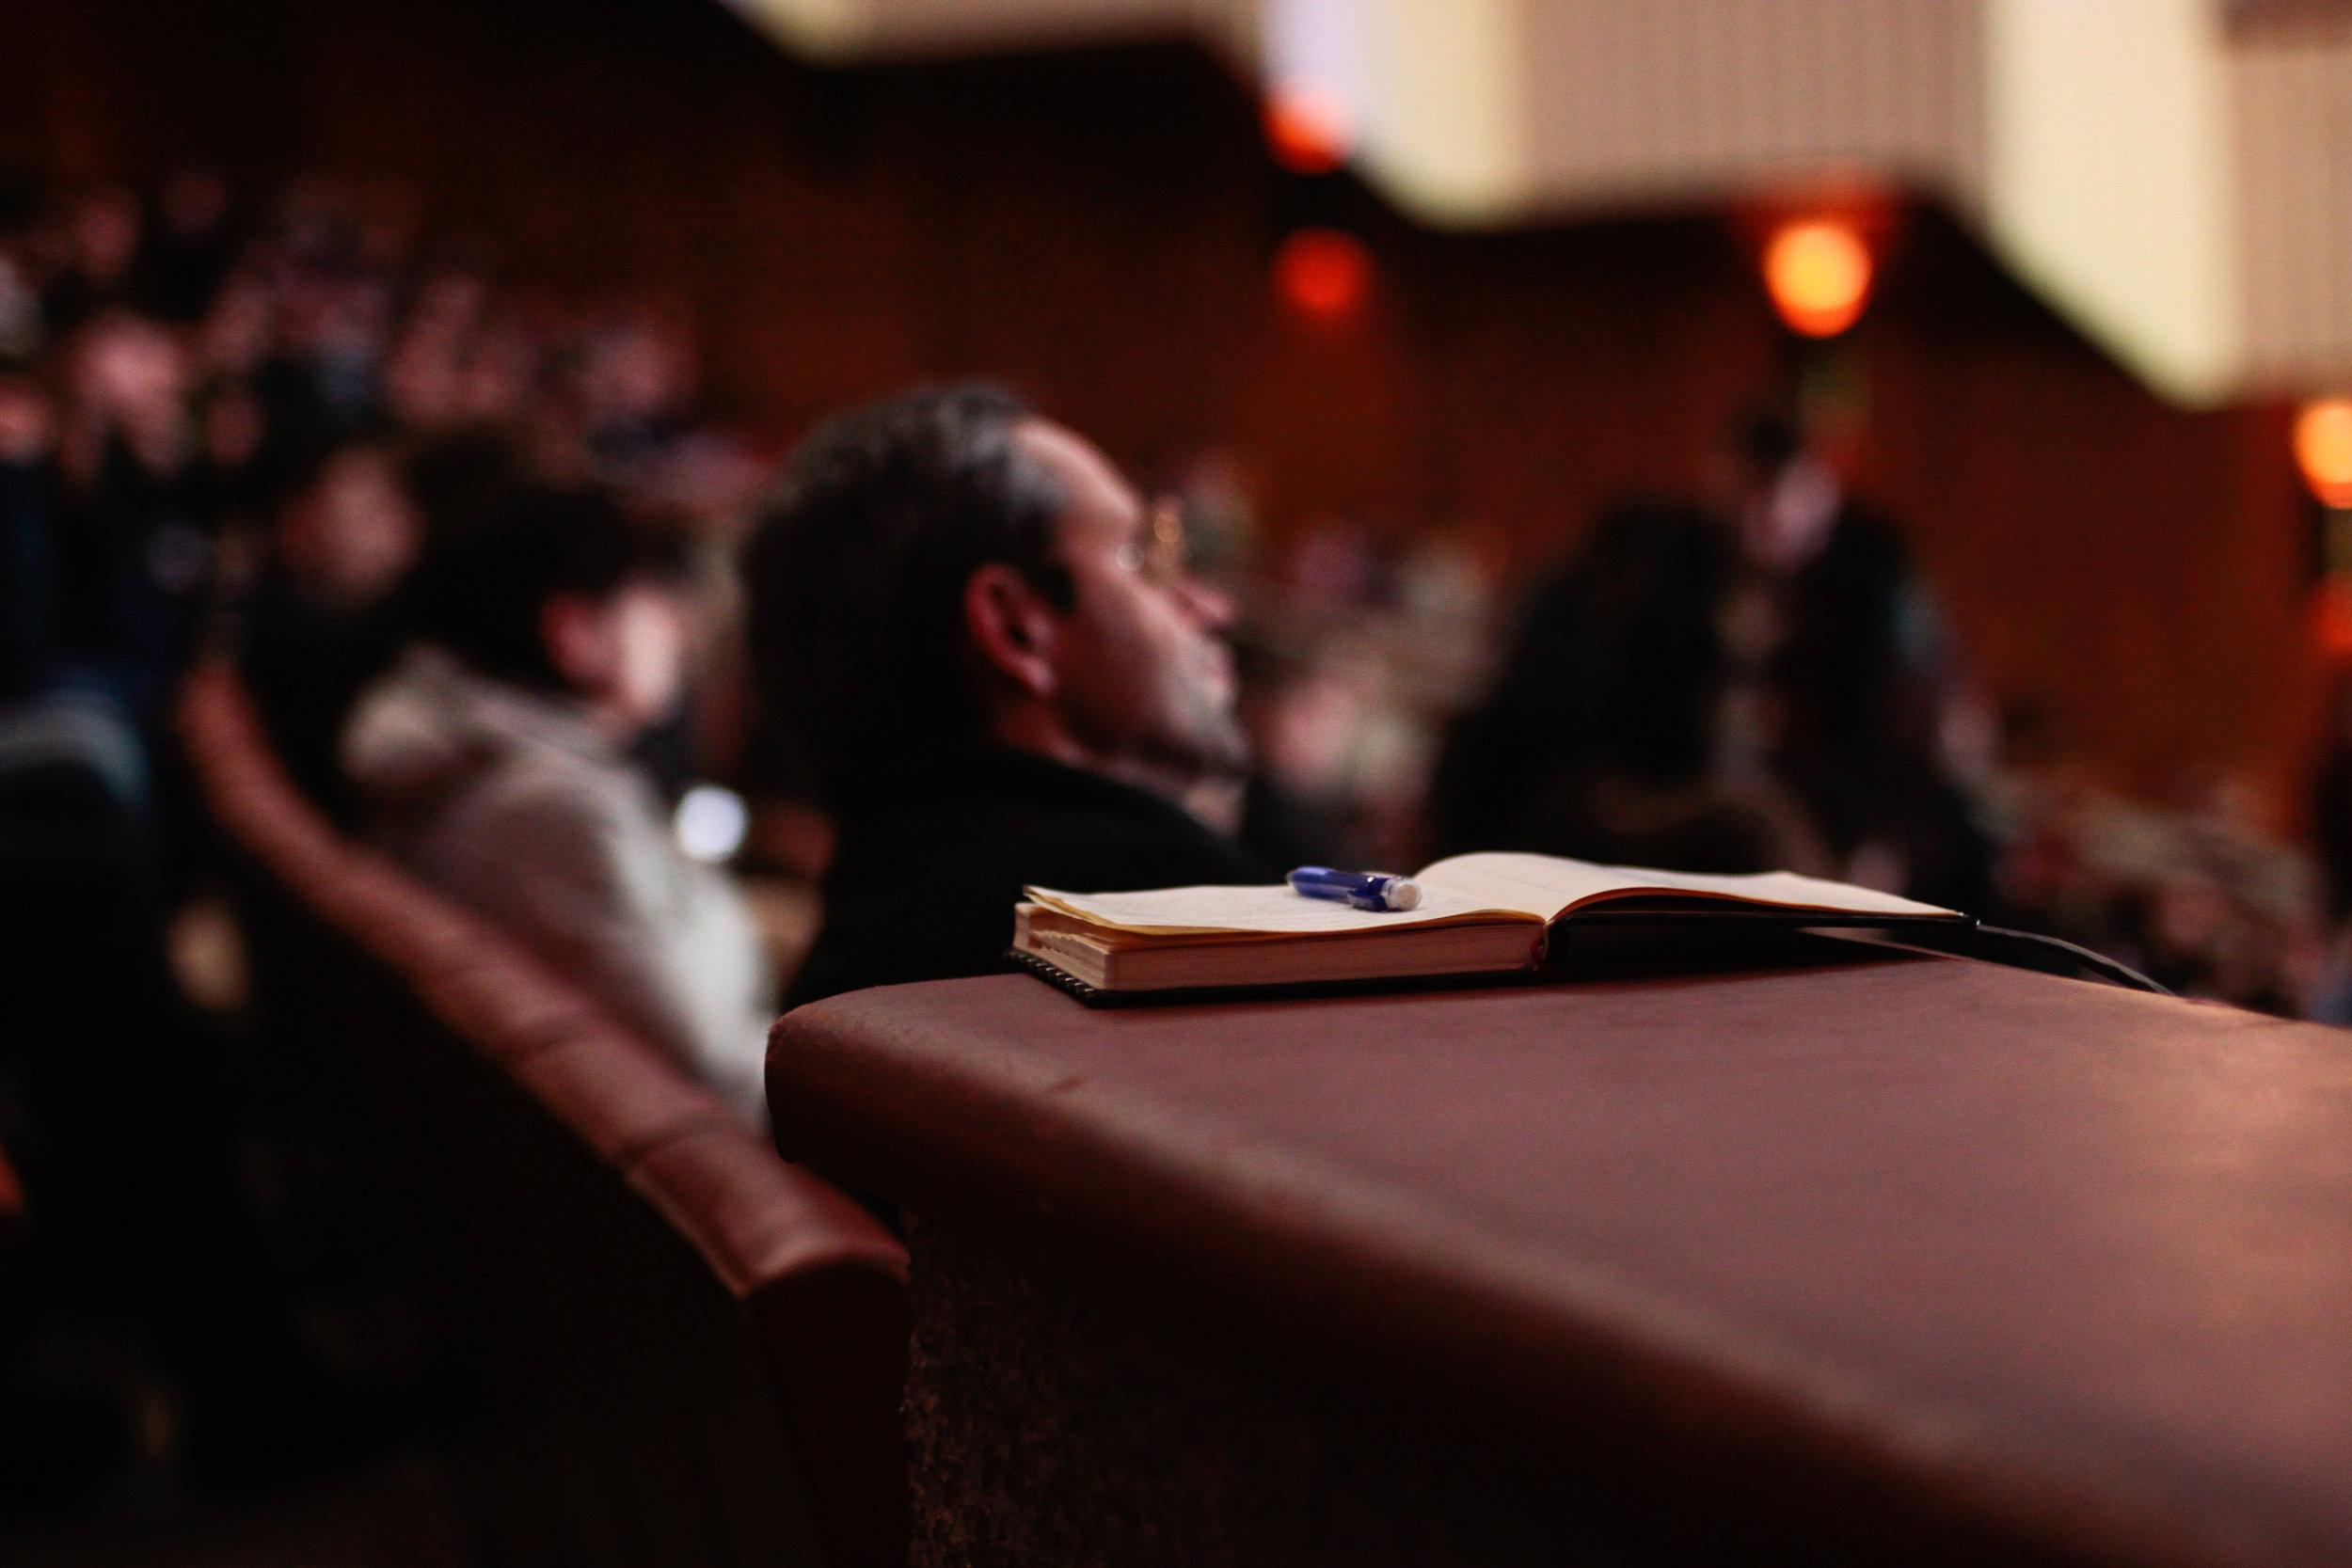 Stap 1: Publieksanalyse - Hoe zorg ik ervoor dat mijn presentatie voor het publiek interessant is?